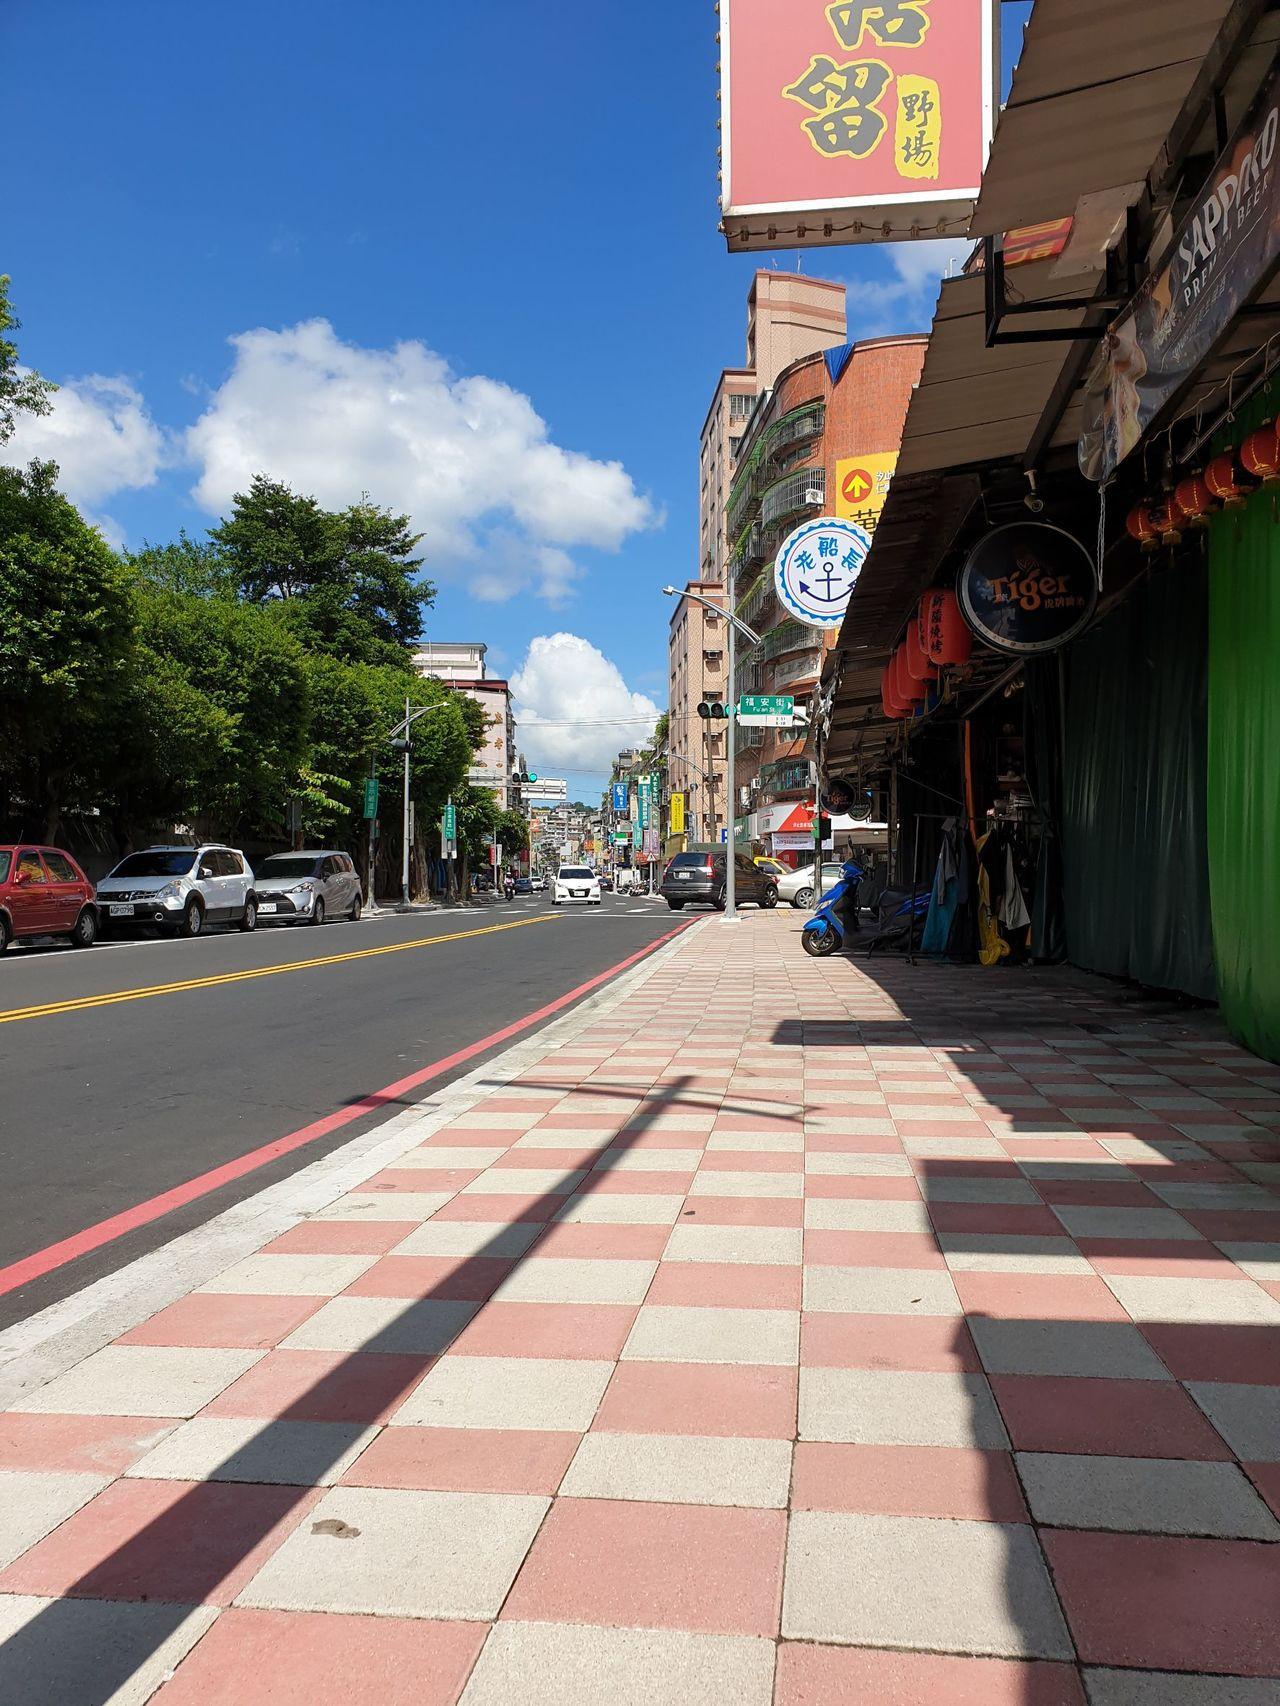 忠孝東路、秀峰高中對面新做的人行道路,因磚頭不平,有民眾行經此處踢到磚頭,慘摔造...